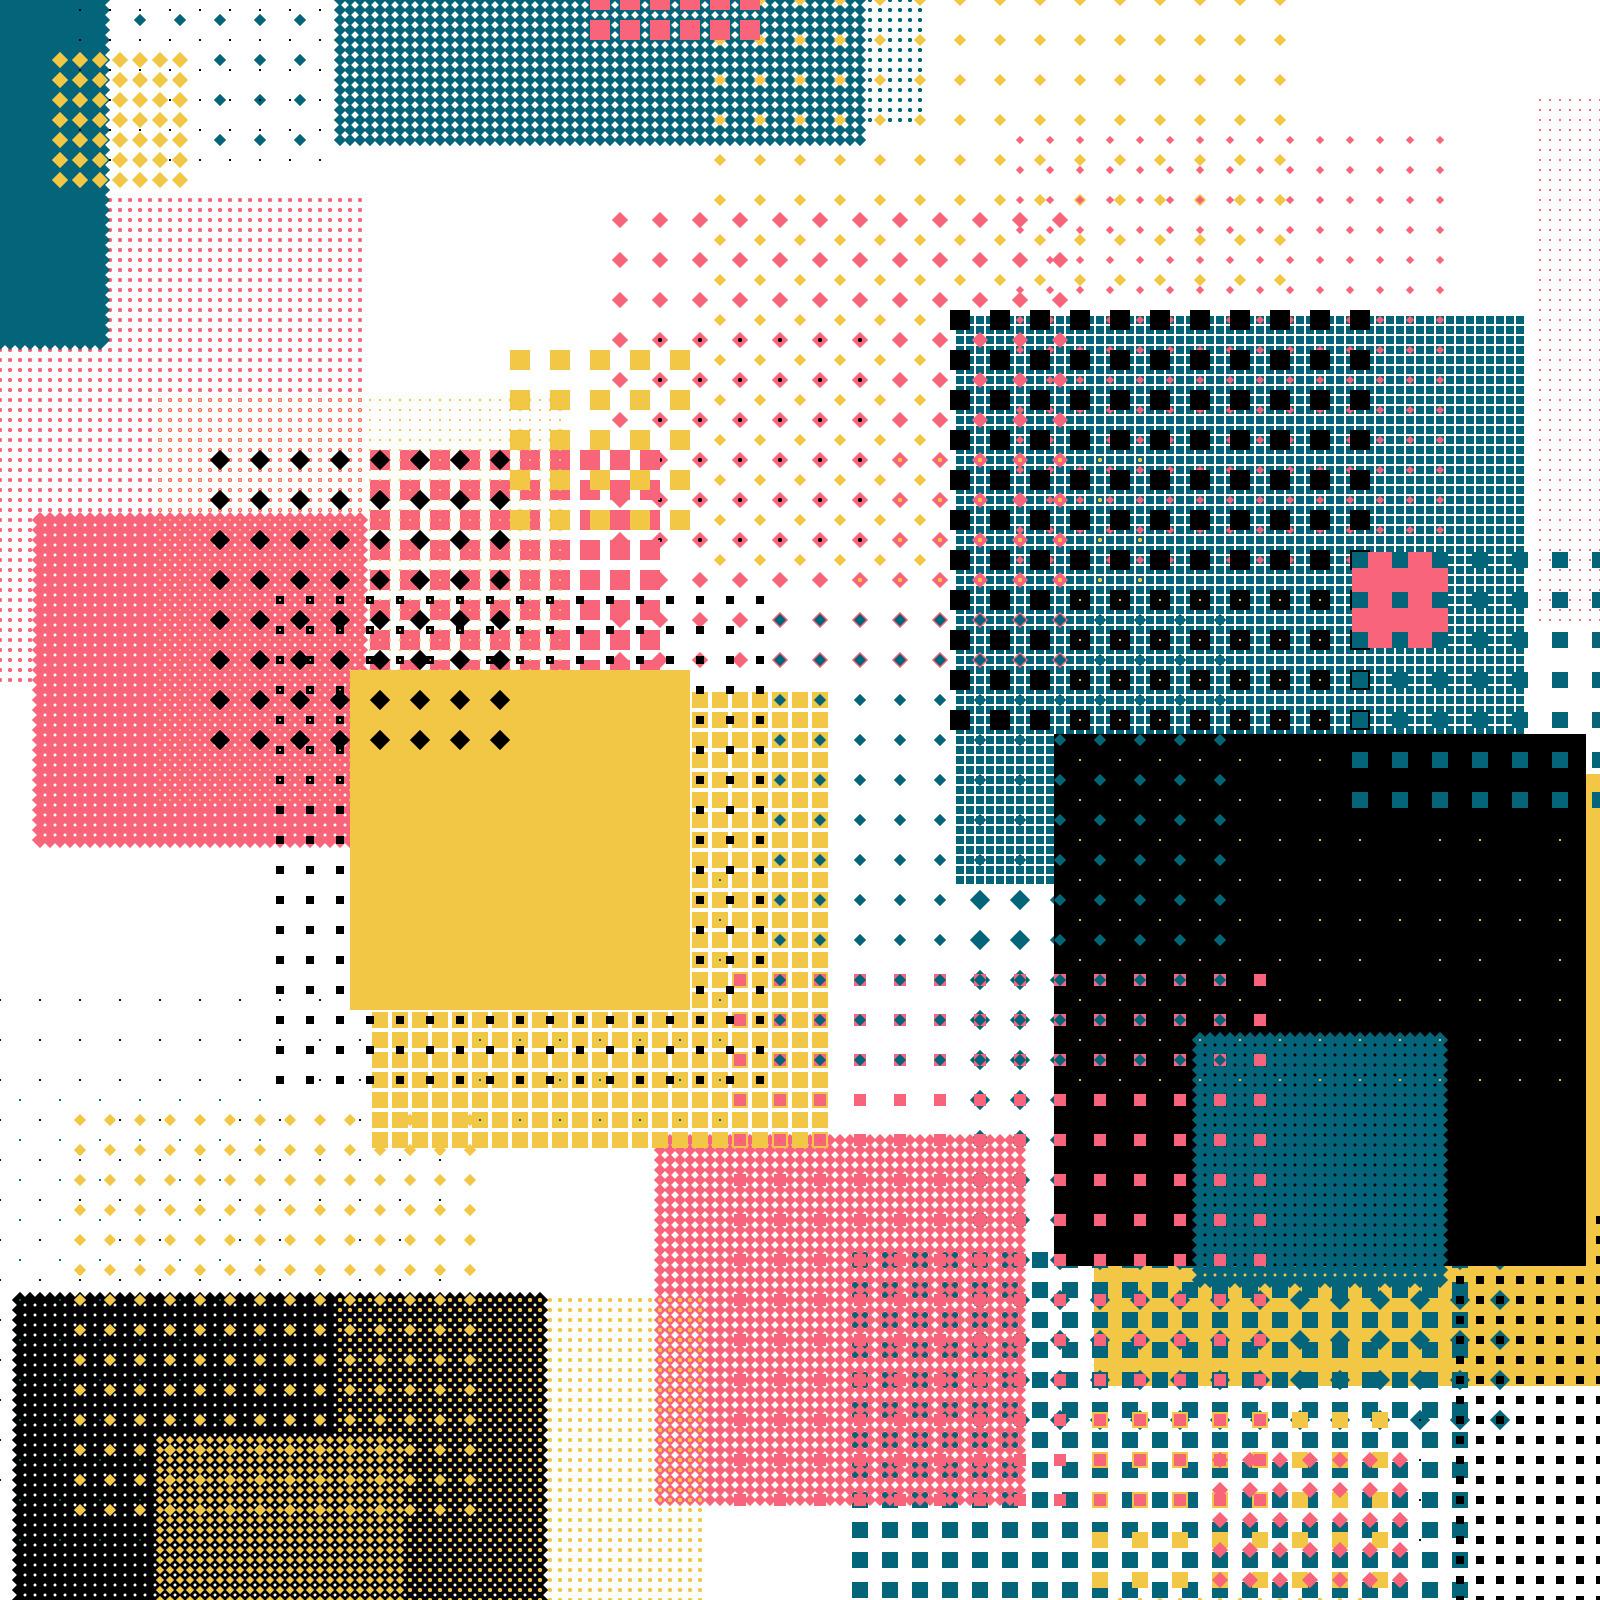 Geometric Shapes / 180317 - processing - sasj | ello